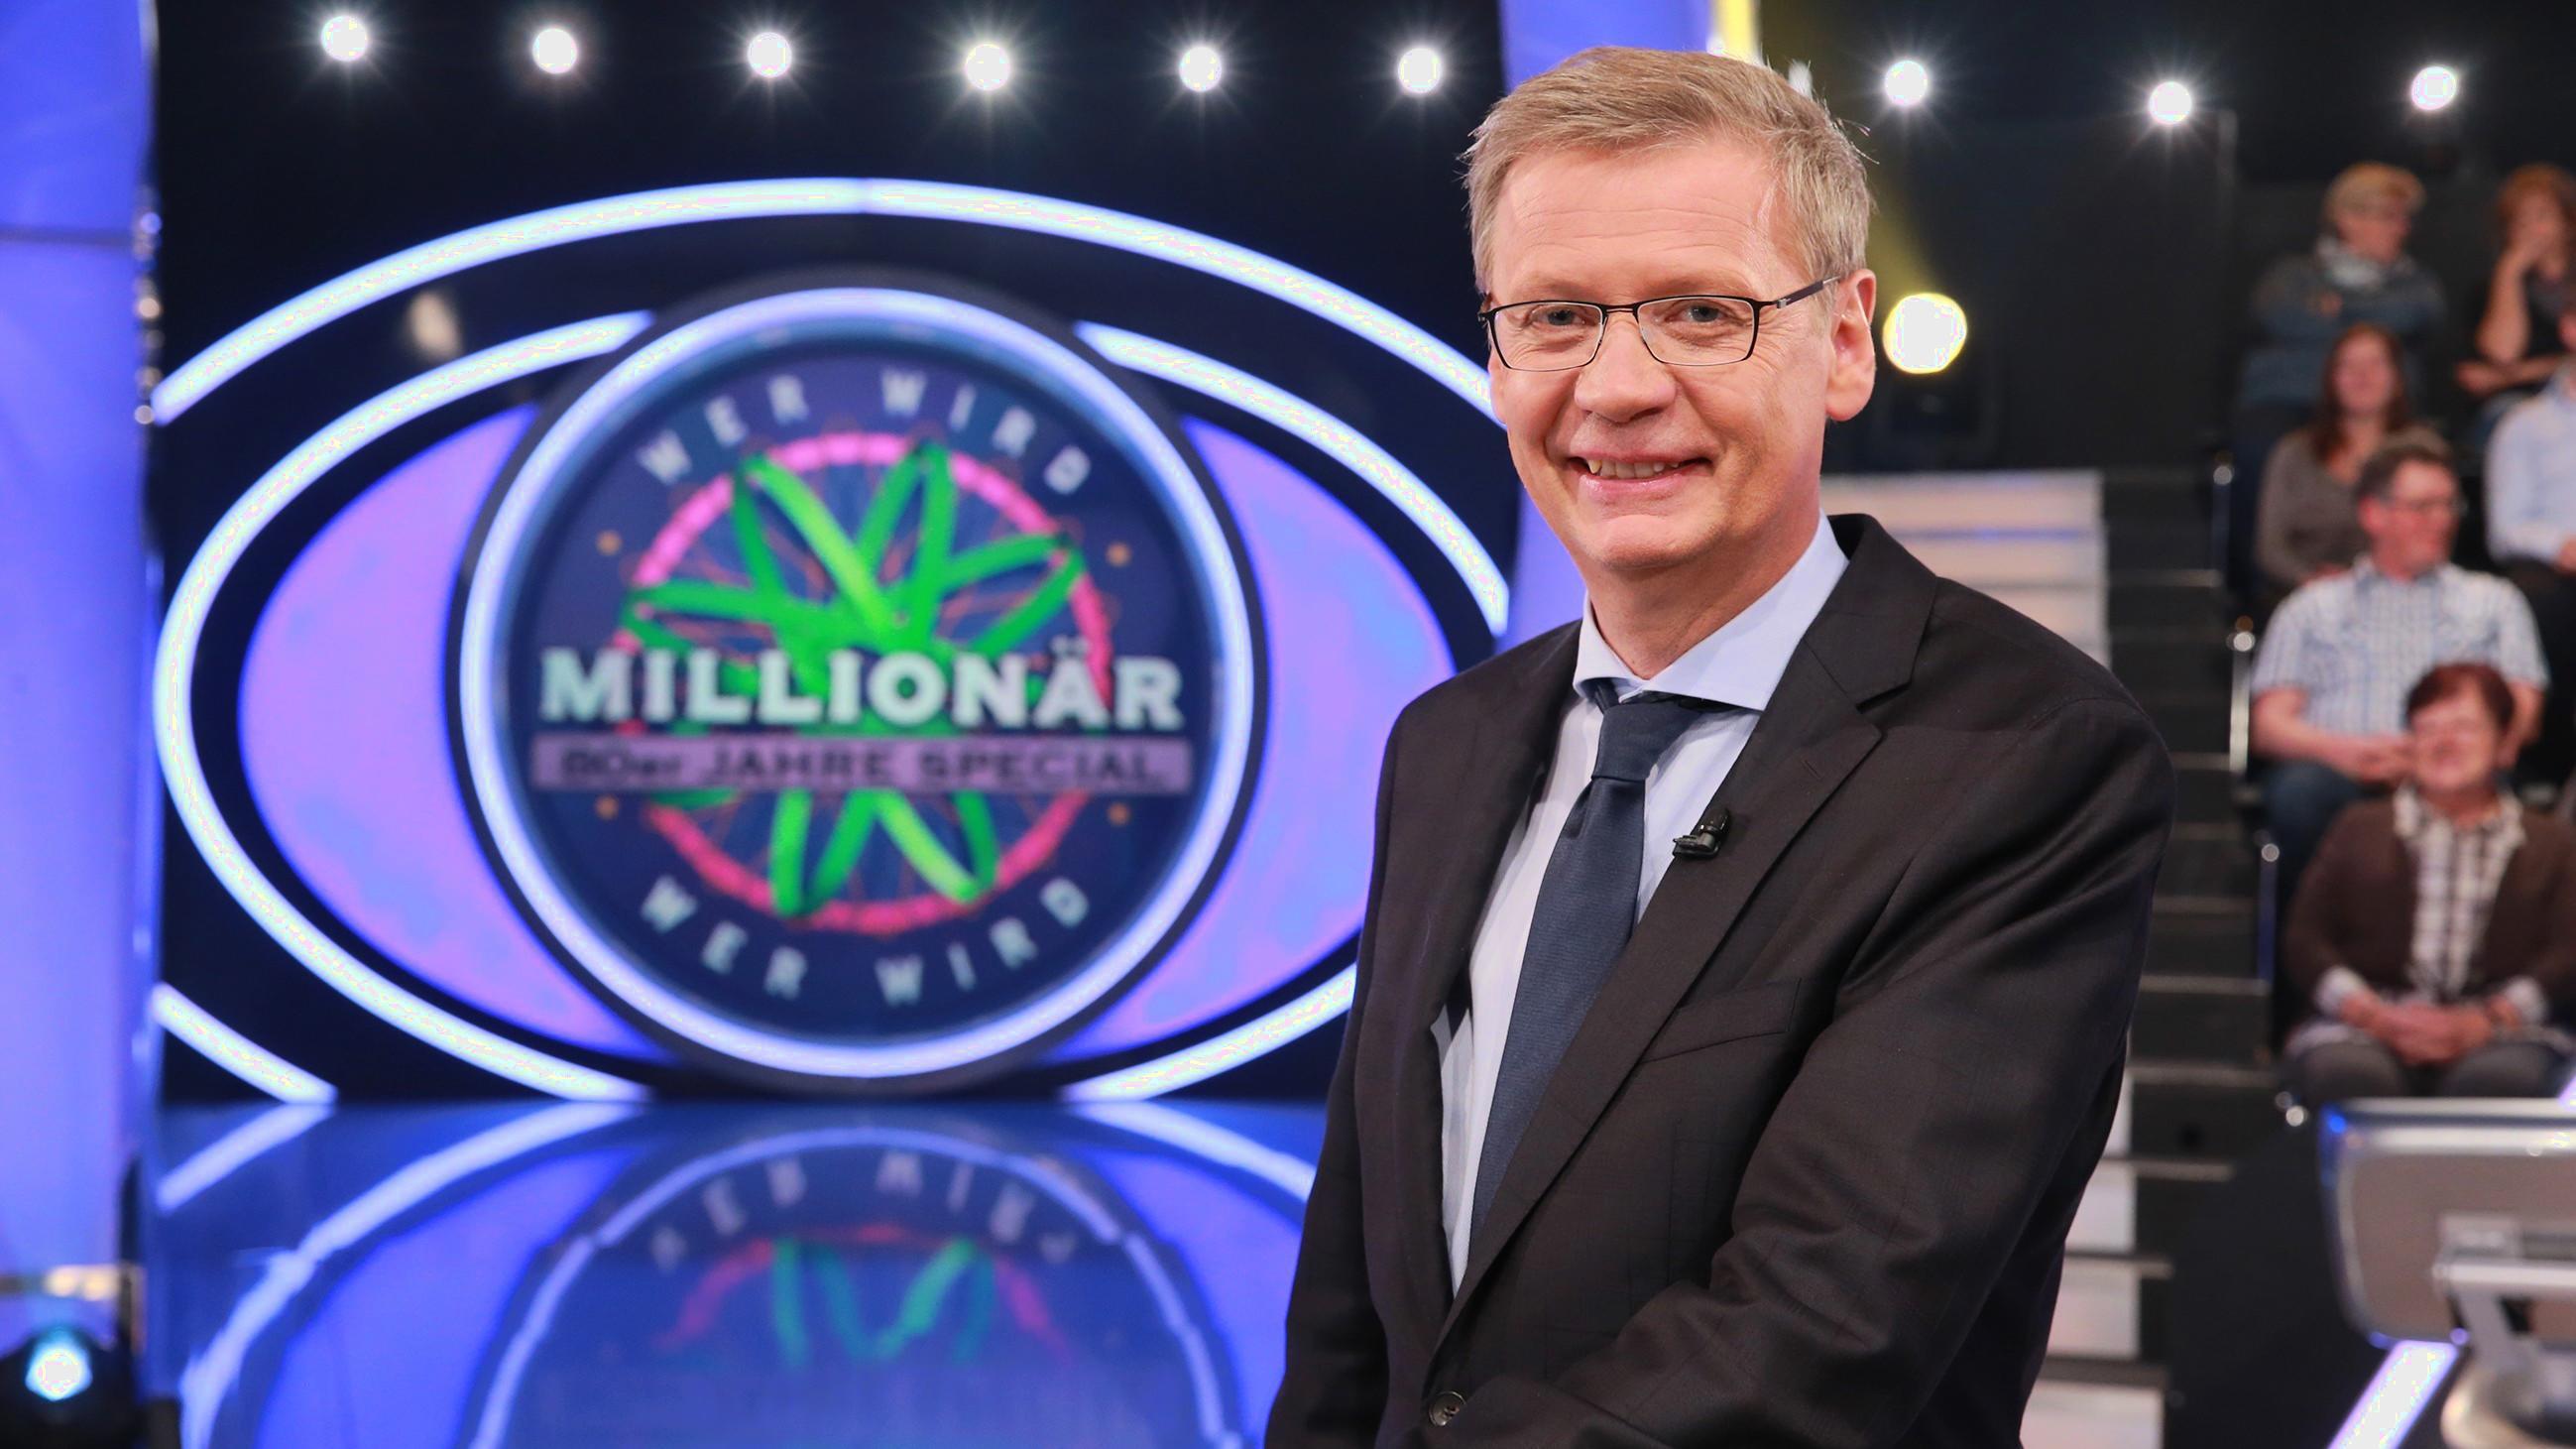 Wer Wird Millionär Mitraten